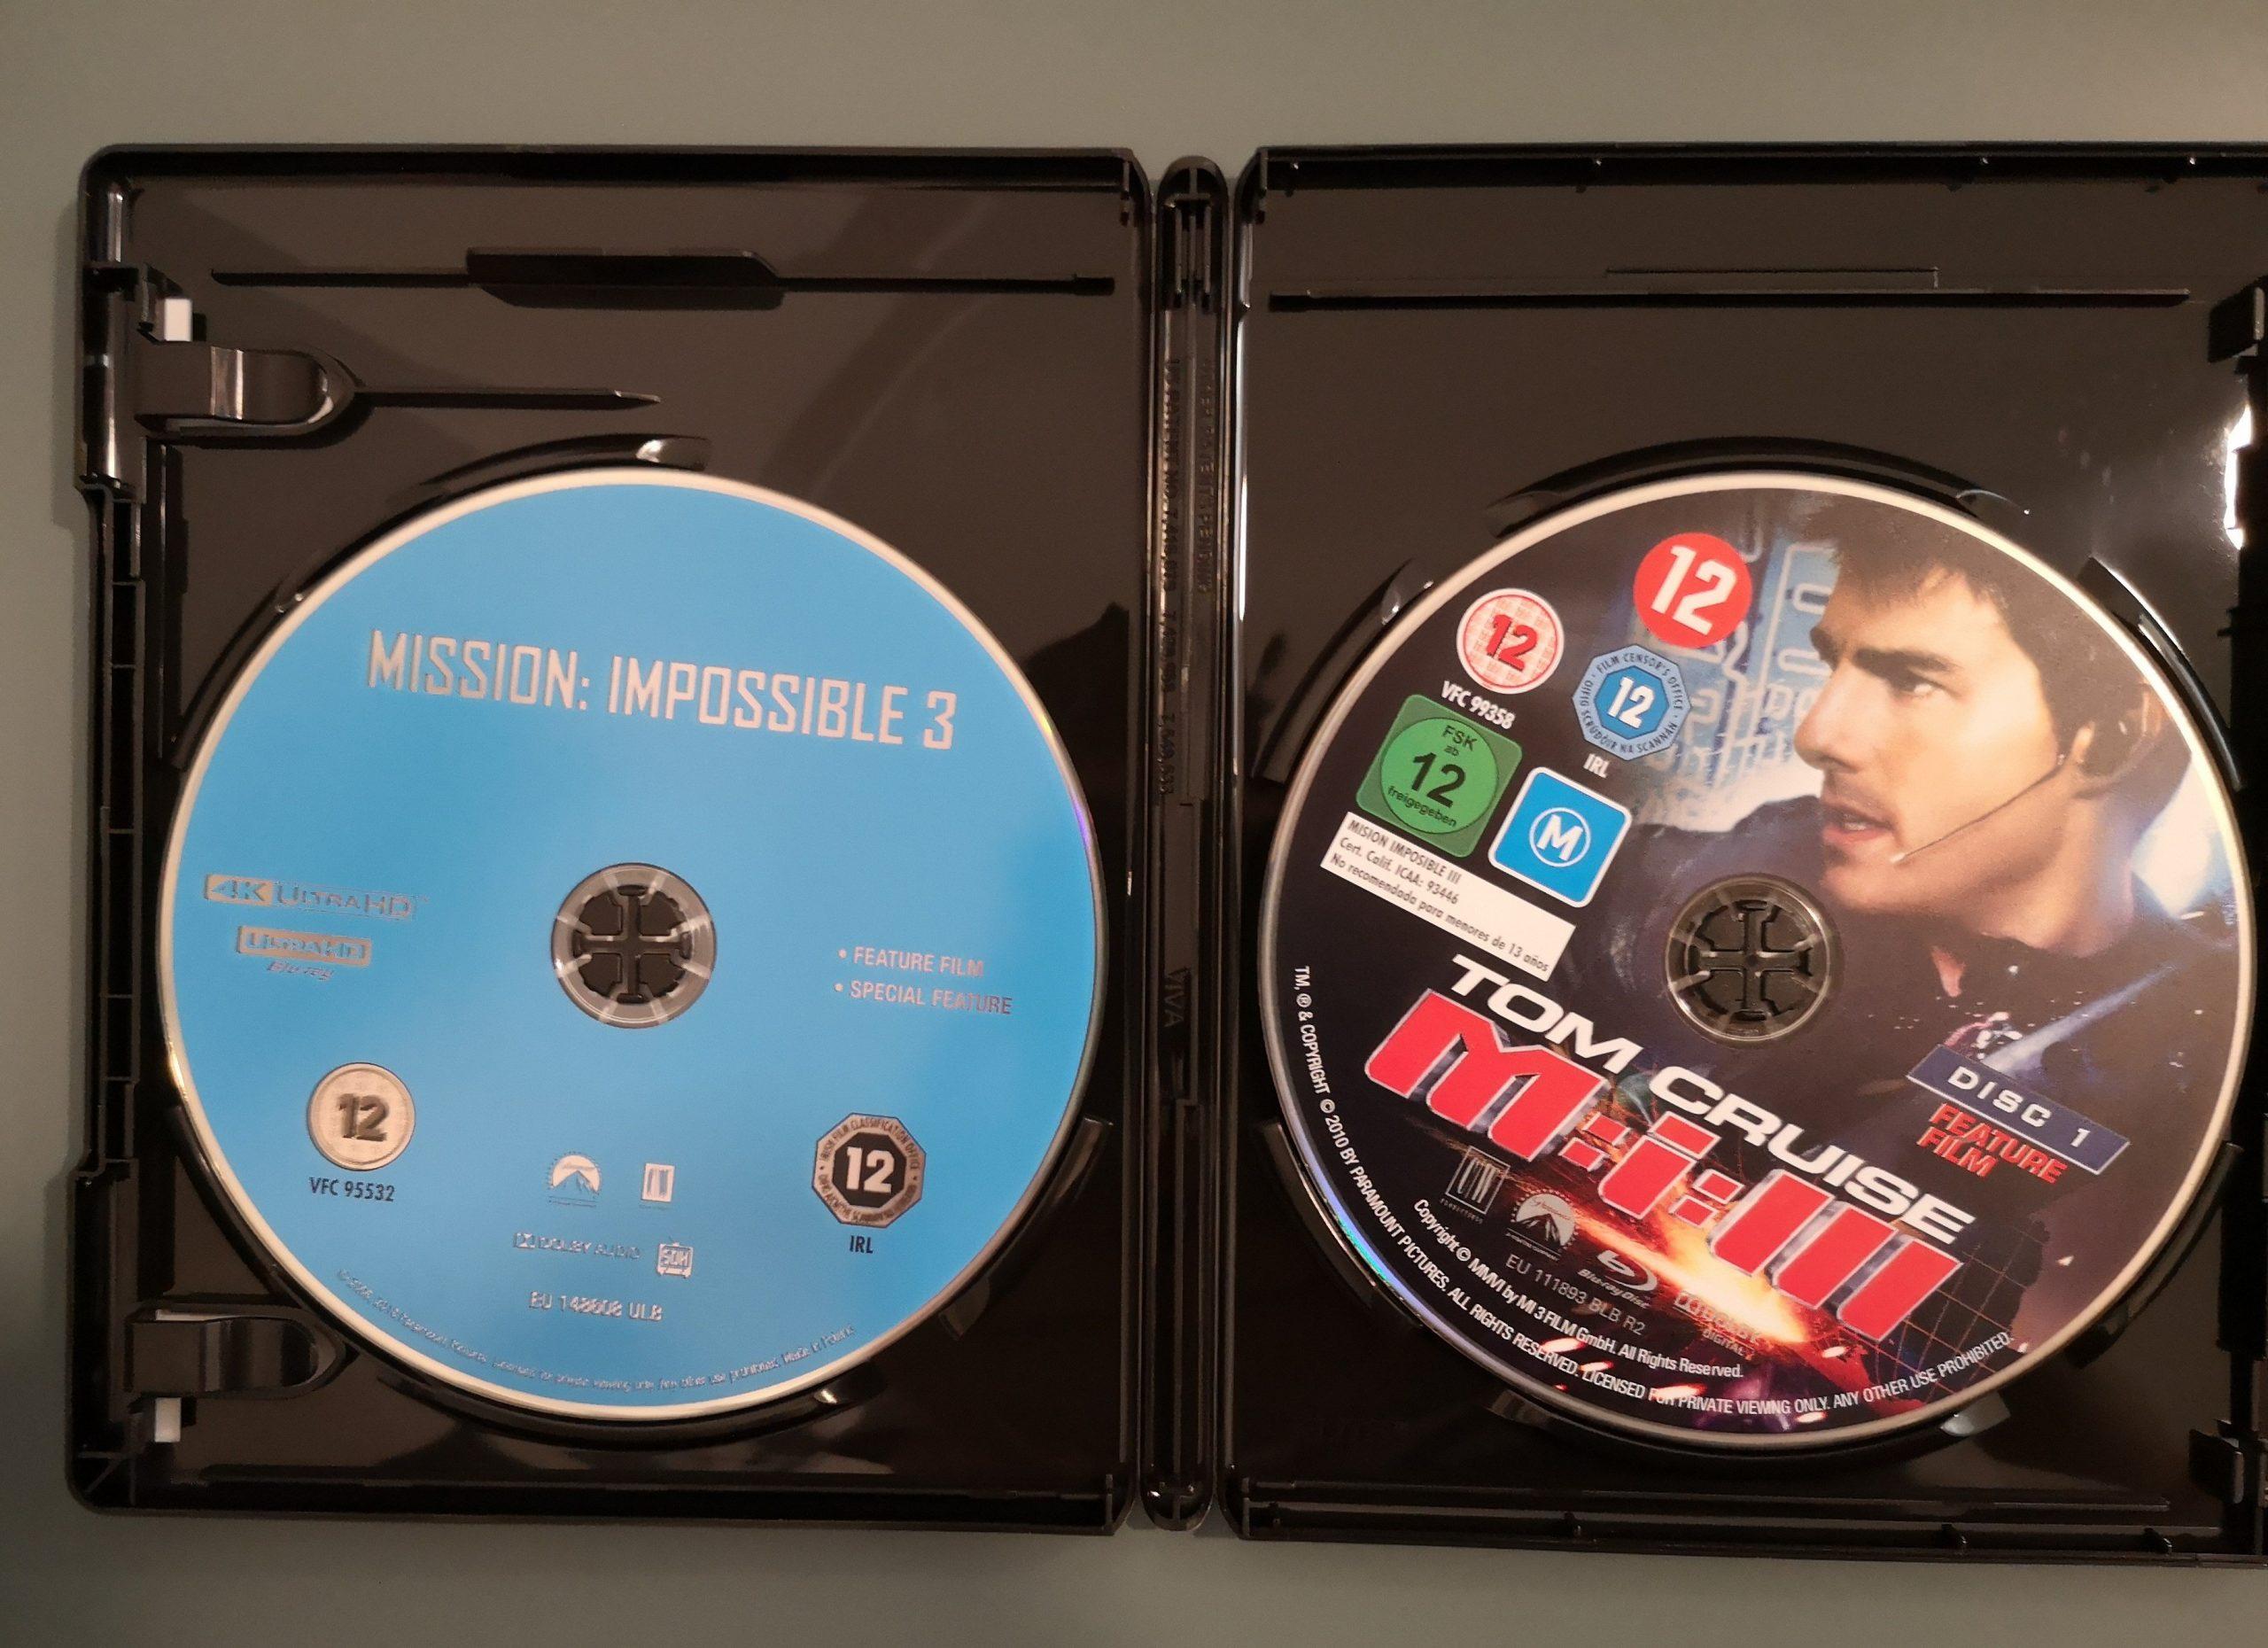 Misión Imposible 3 discos